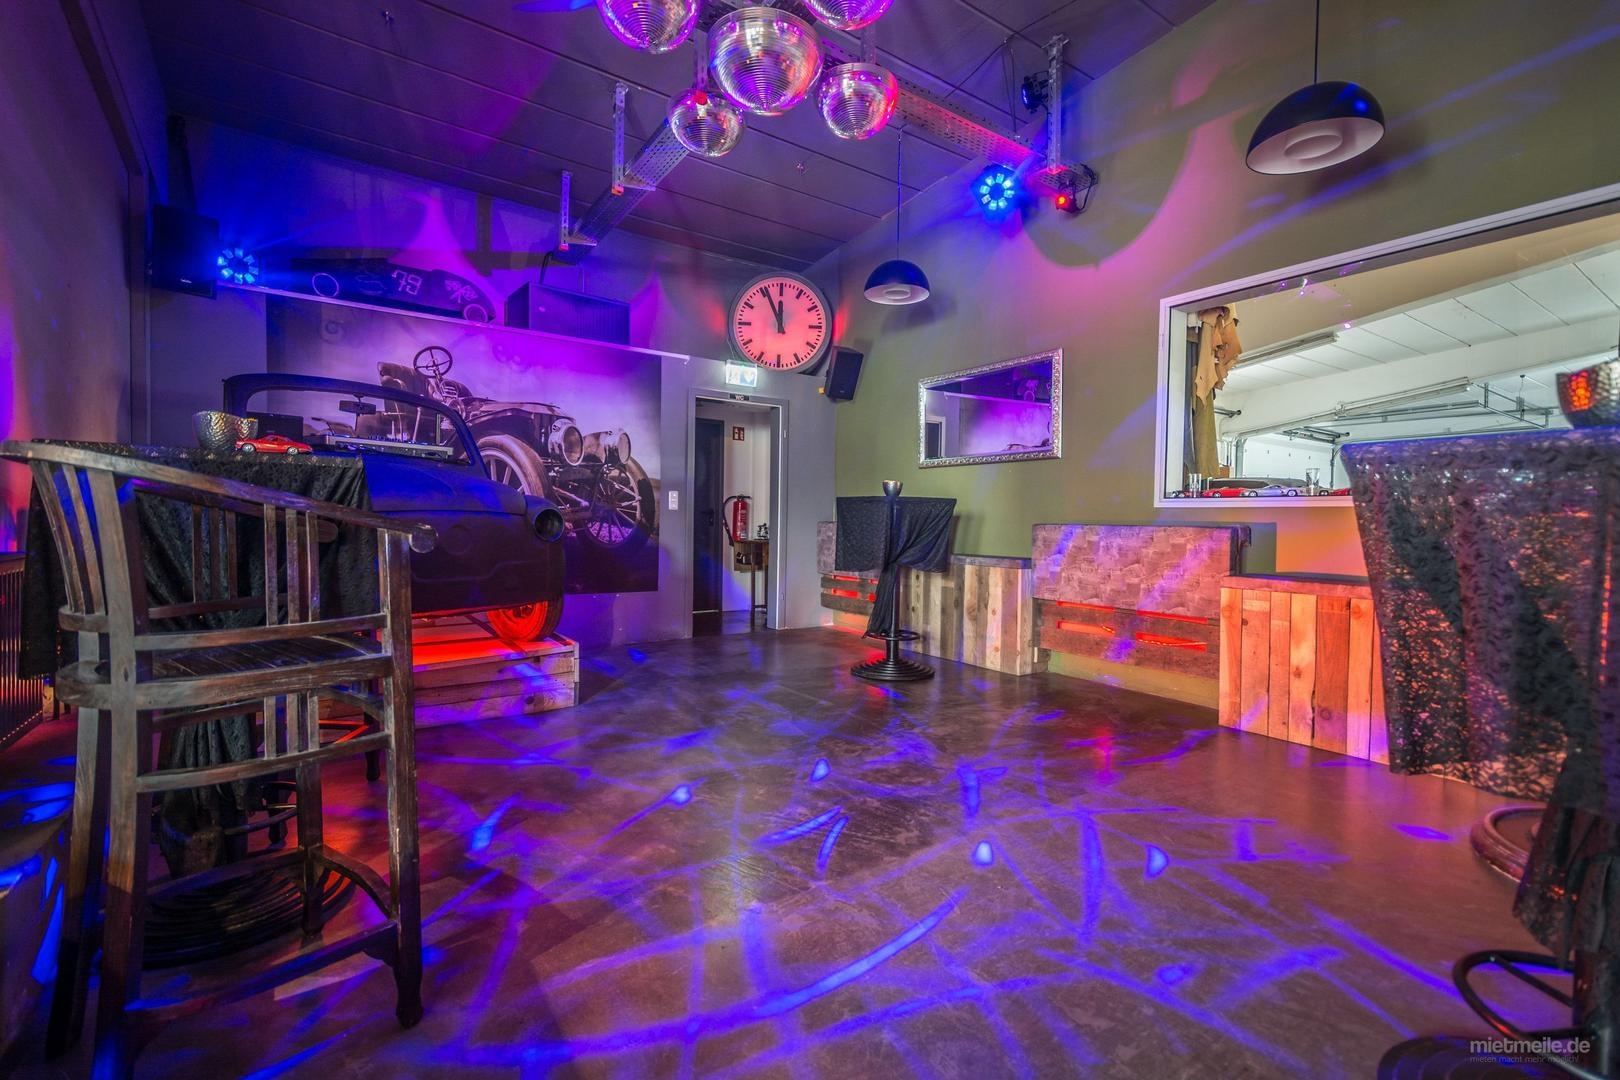 Partyräume mieten & vermieten - Paunovic Eventlocation - Partyraum für Ihr Event in Essen